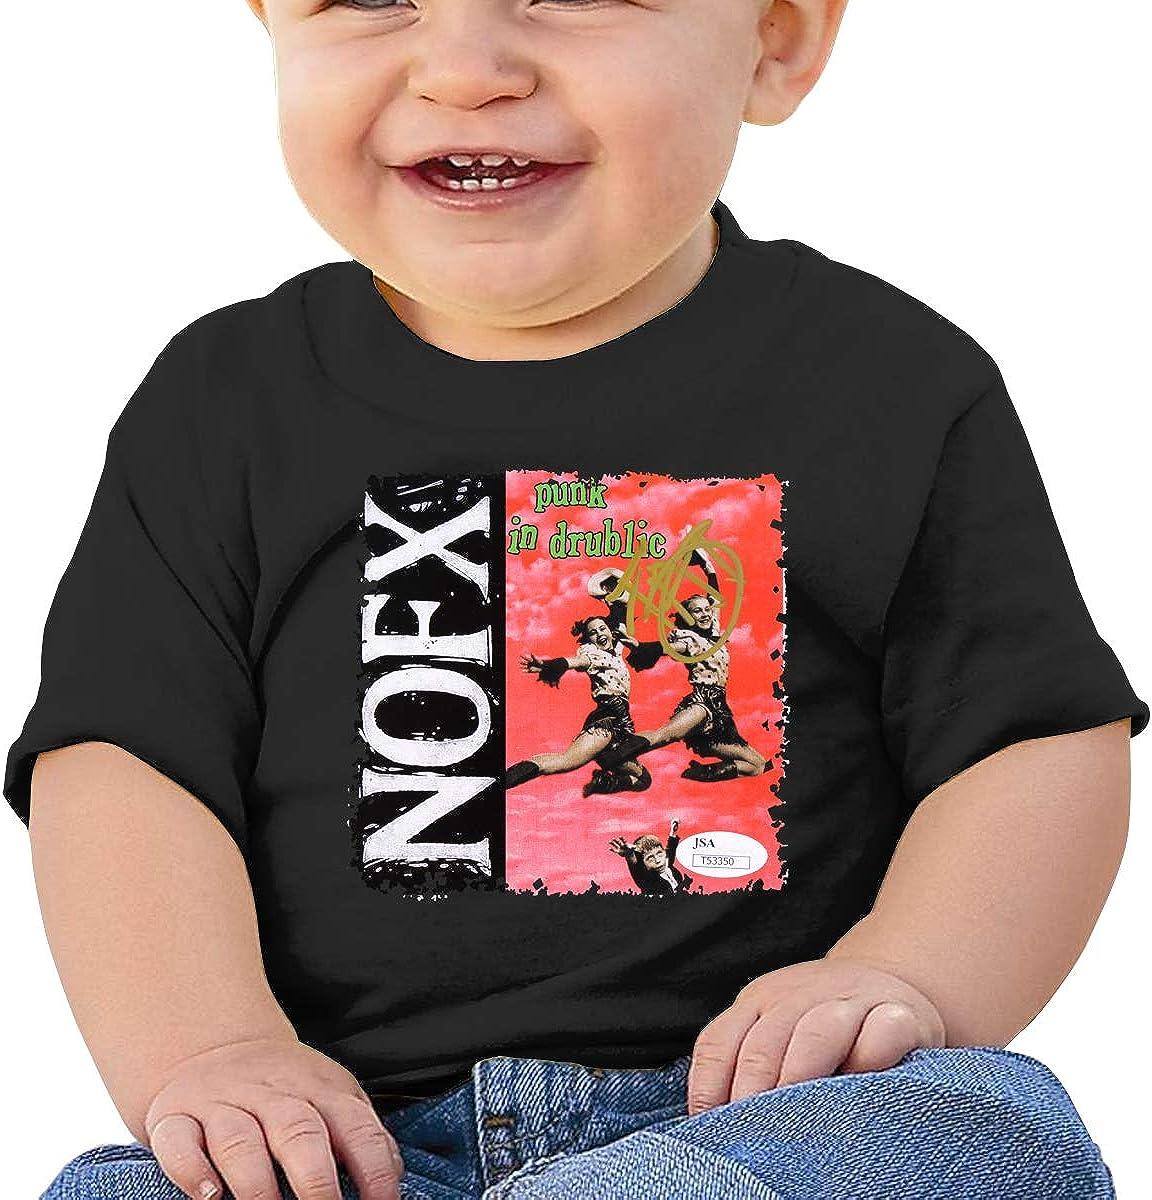 Baby NOFX-Punk in Drublic Shirt Toddler Cotton Tee Black